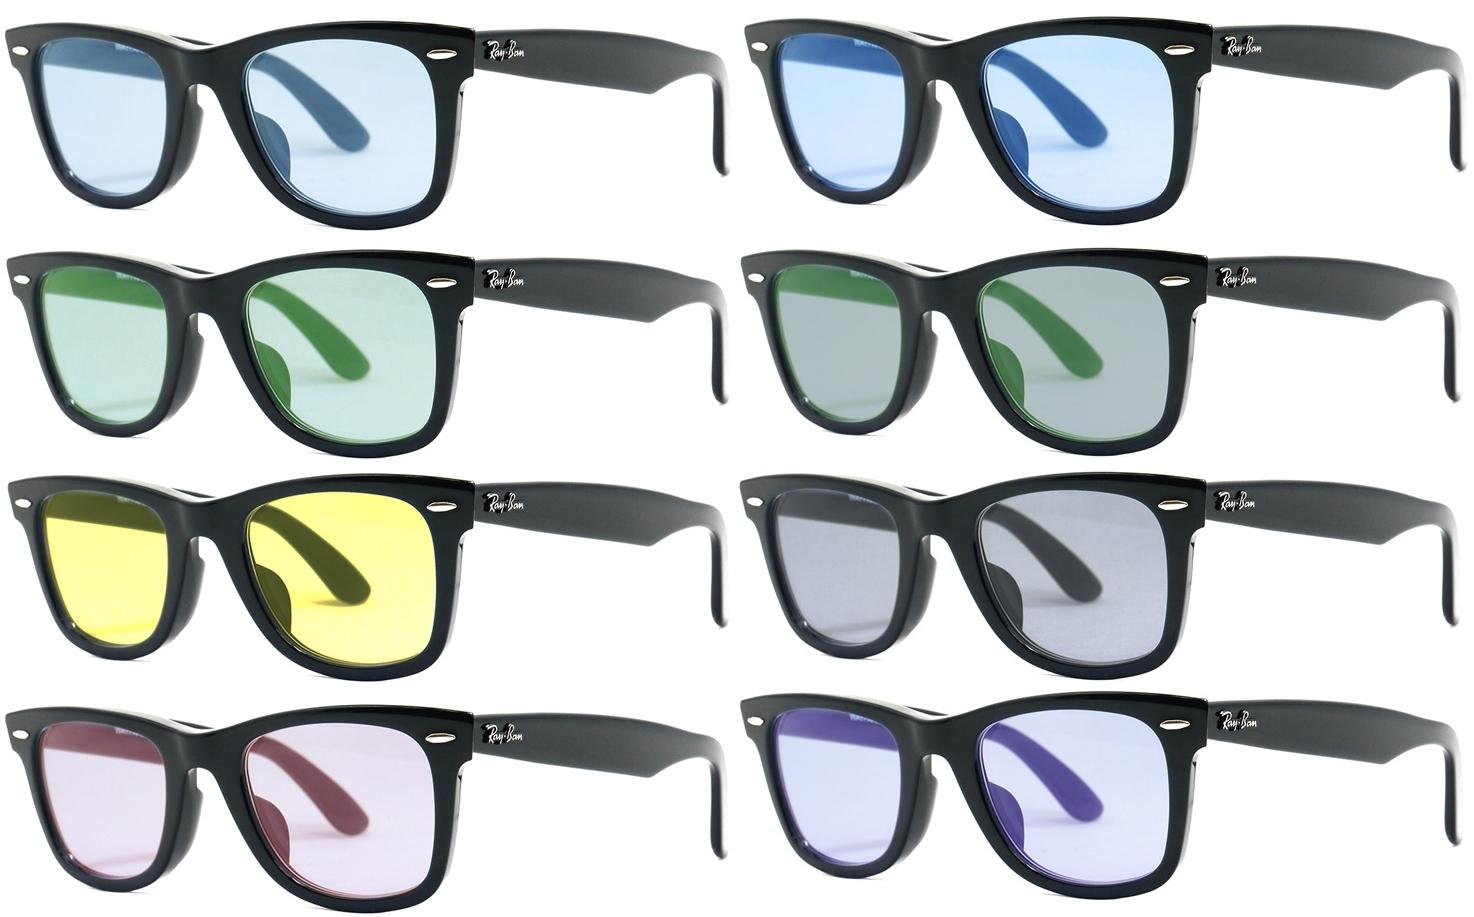 選べるカラーレンズ付き!レイバン RX5121F 2000 50サイズ Ray-Banレイバン メガネフレーム ウェイファーラーフルフィットRB5121F 2000 50サイズ メガネ フレーム 眼鏡 めがね レディース メンズ 伊達メガネ メガネフレーム